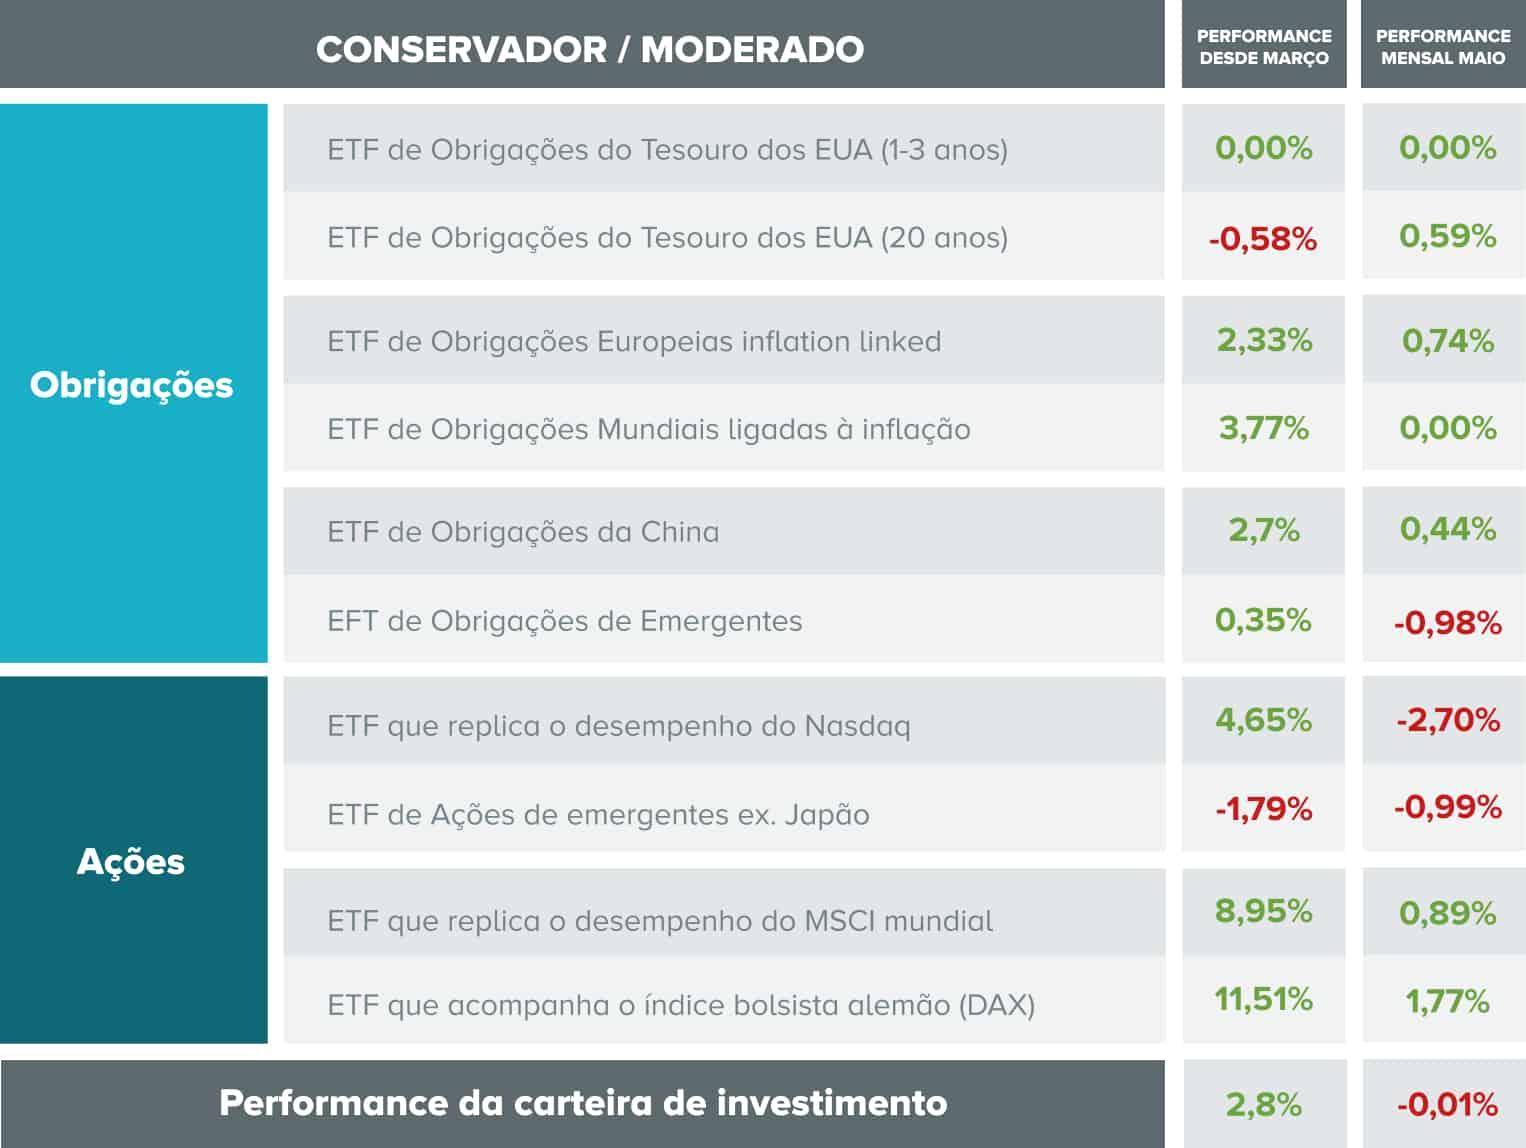 Tabela com indicação de desempenhos por ativos e no global da carteira com perfil moderado